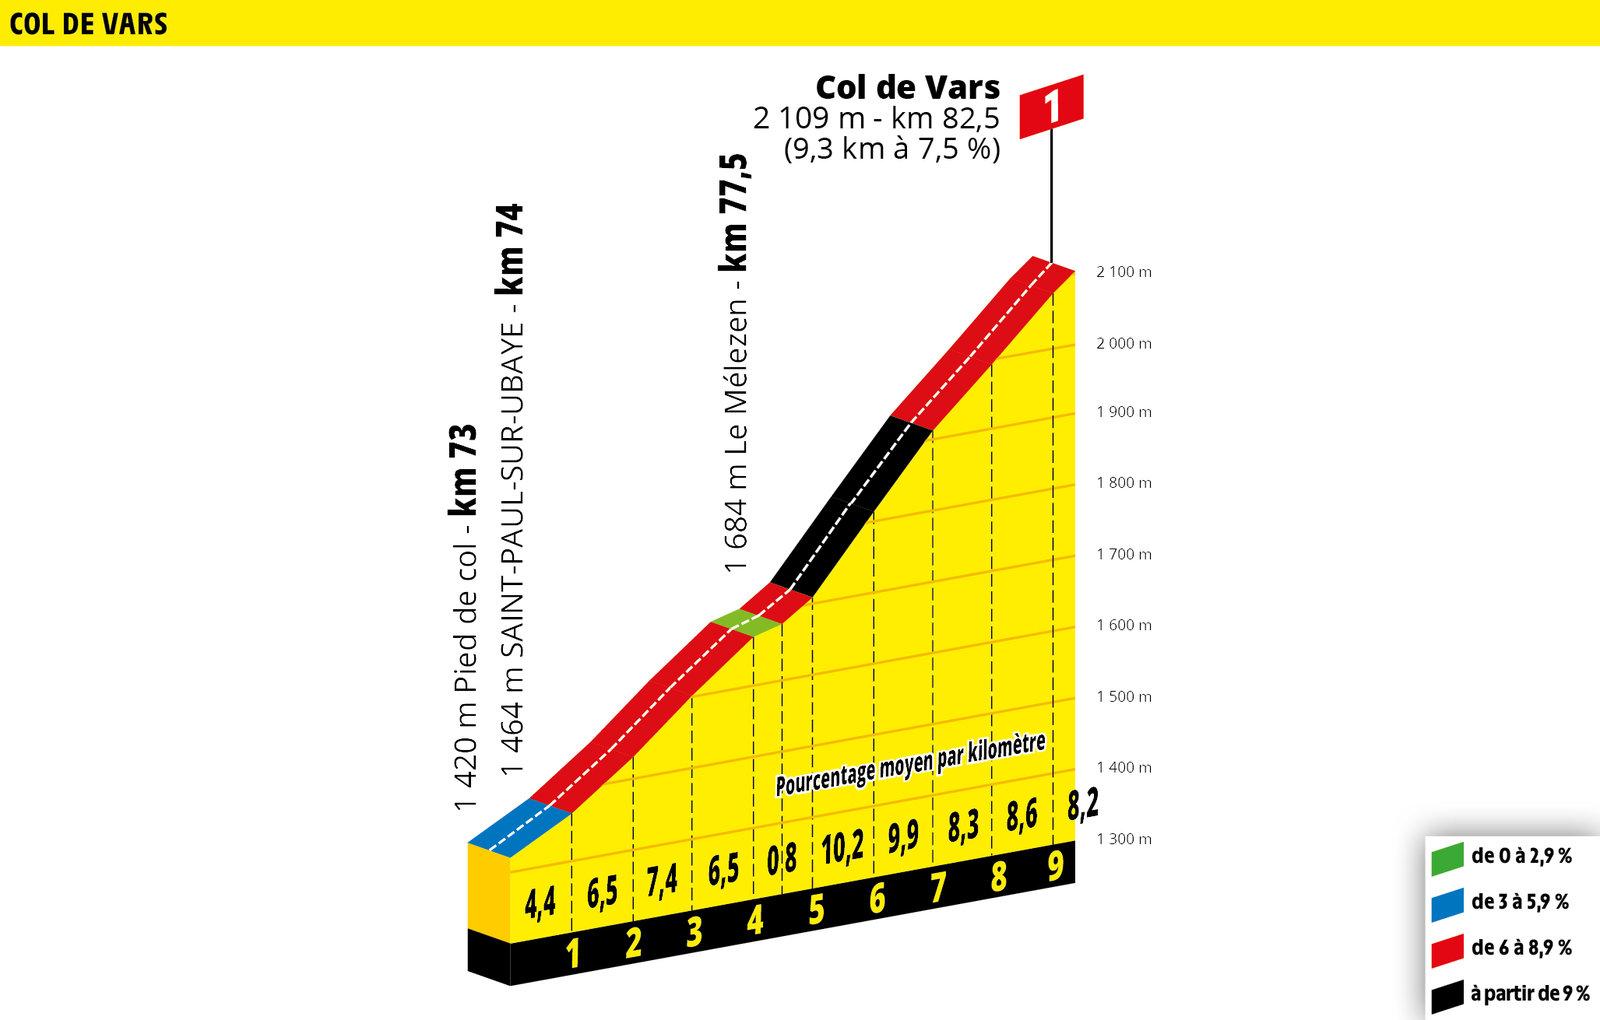 Tour de France 2019 19061902133592598